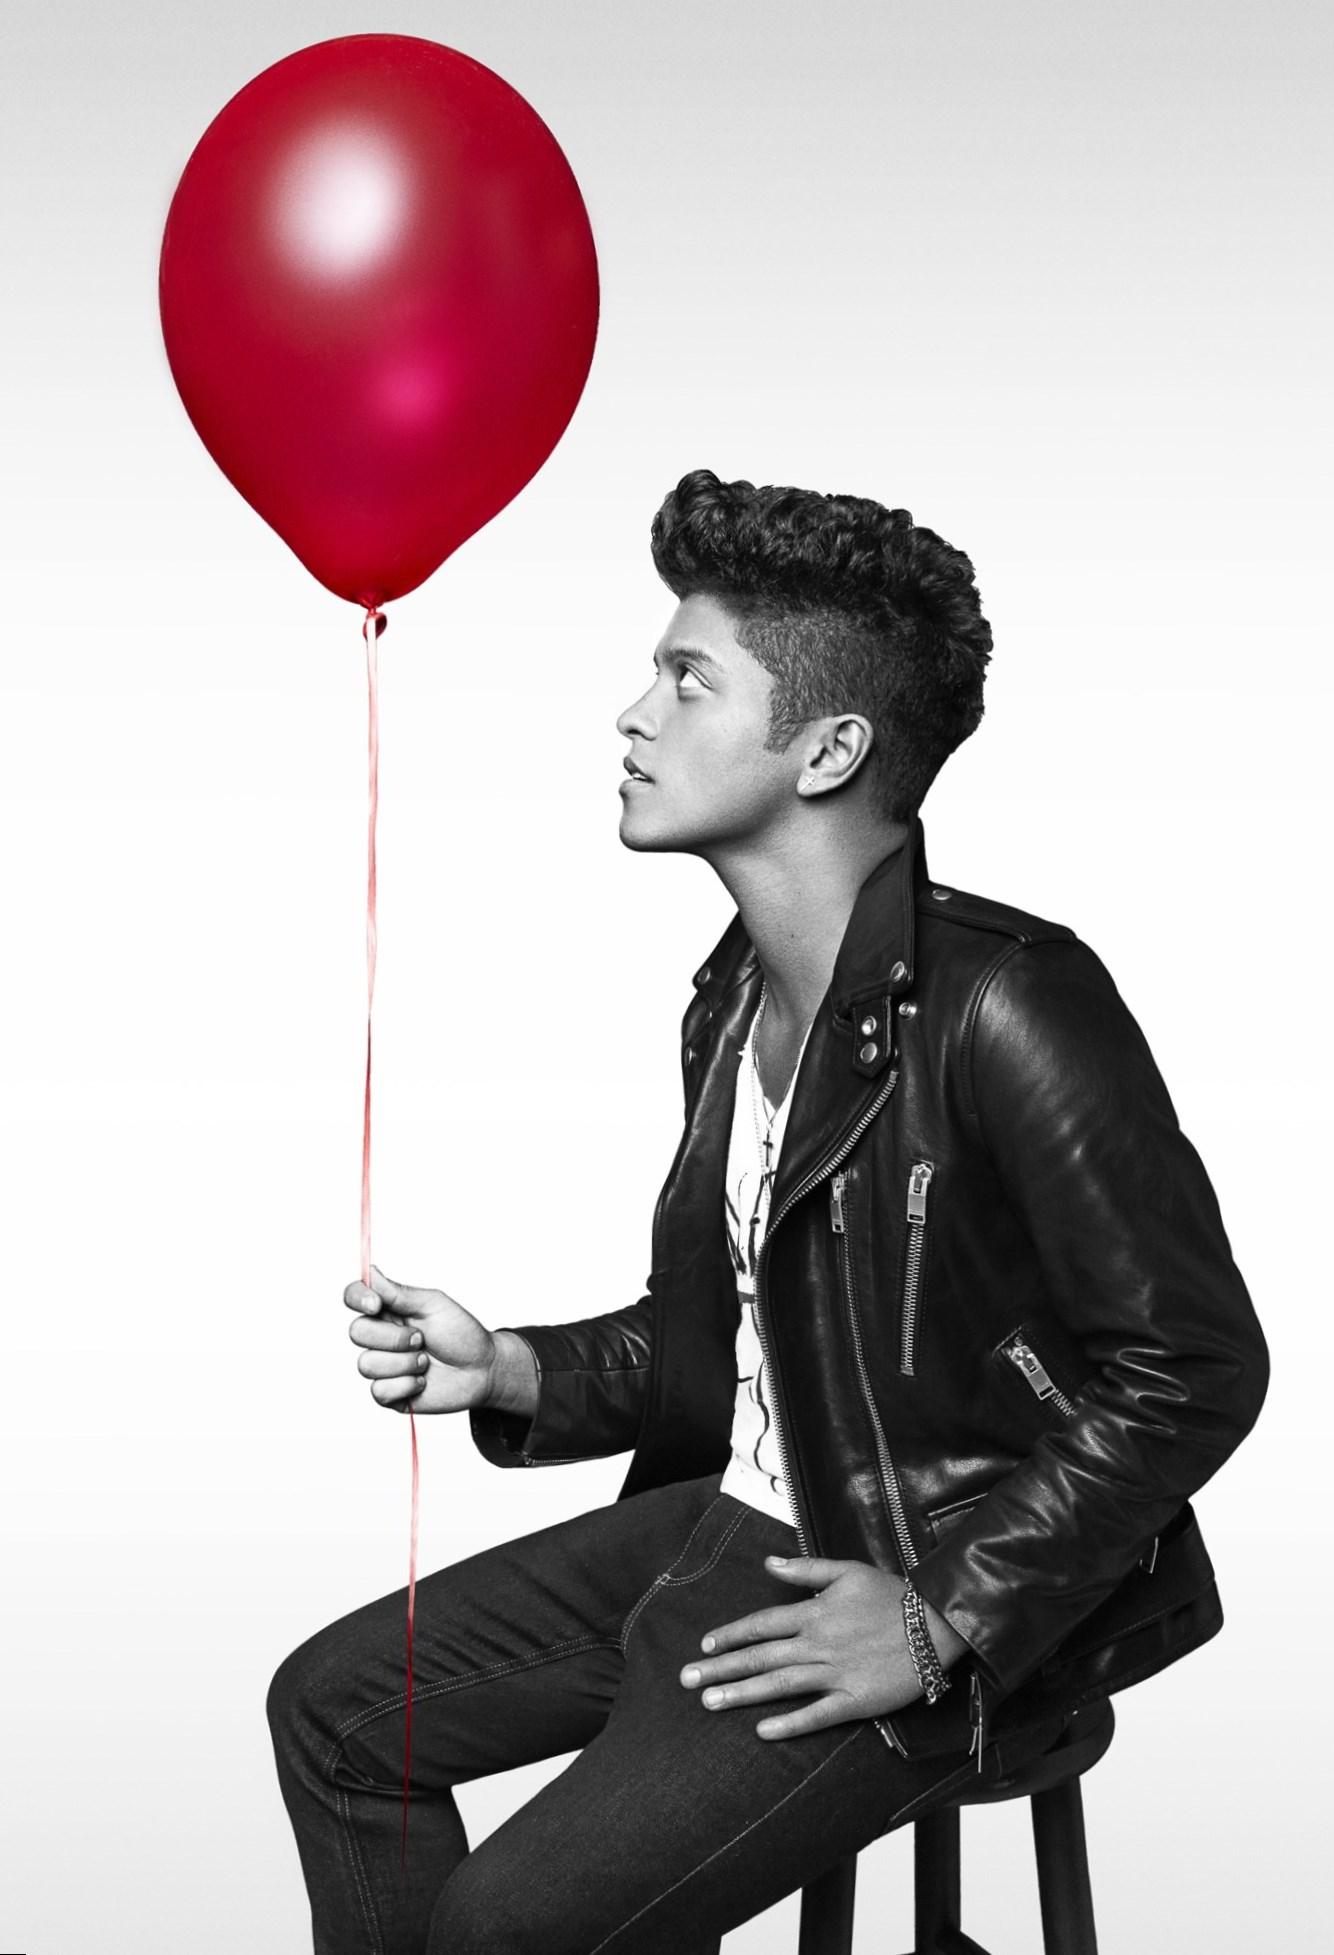 Bruno Mars   Biography, News, Photos and Videos   Contactmusic.com